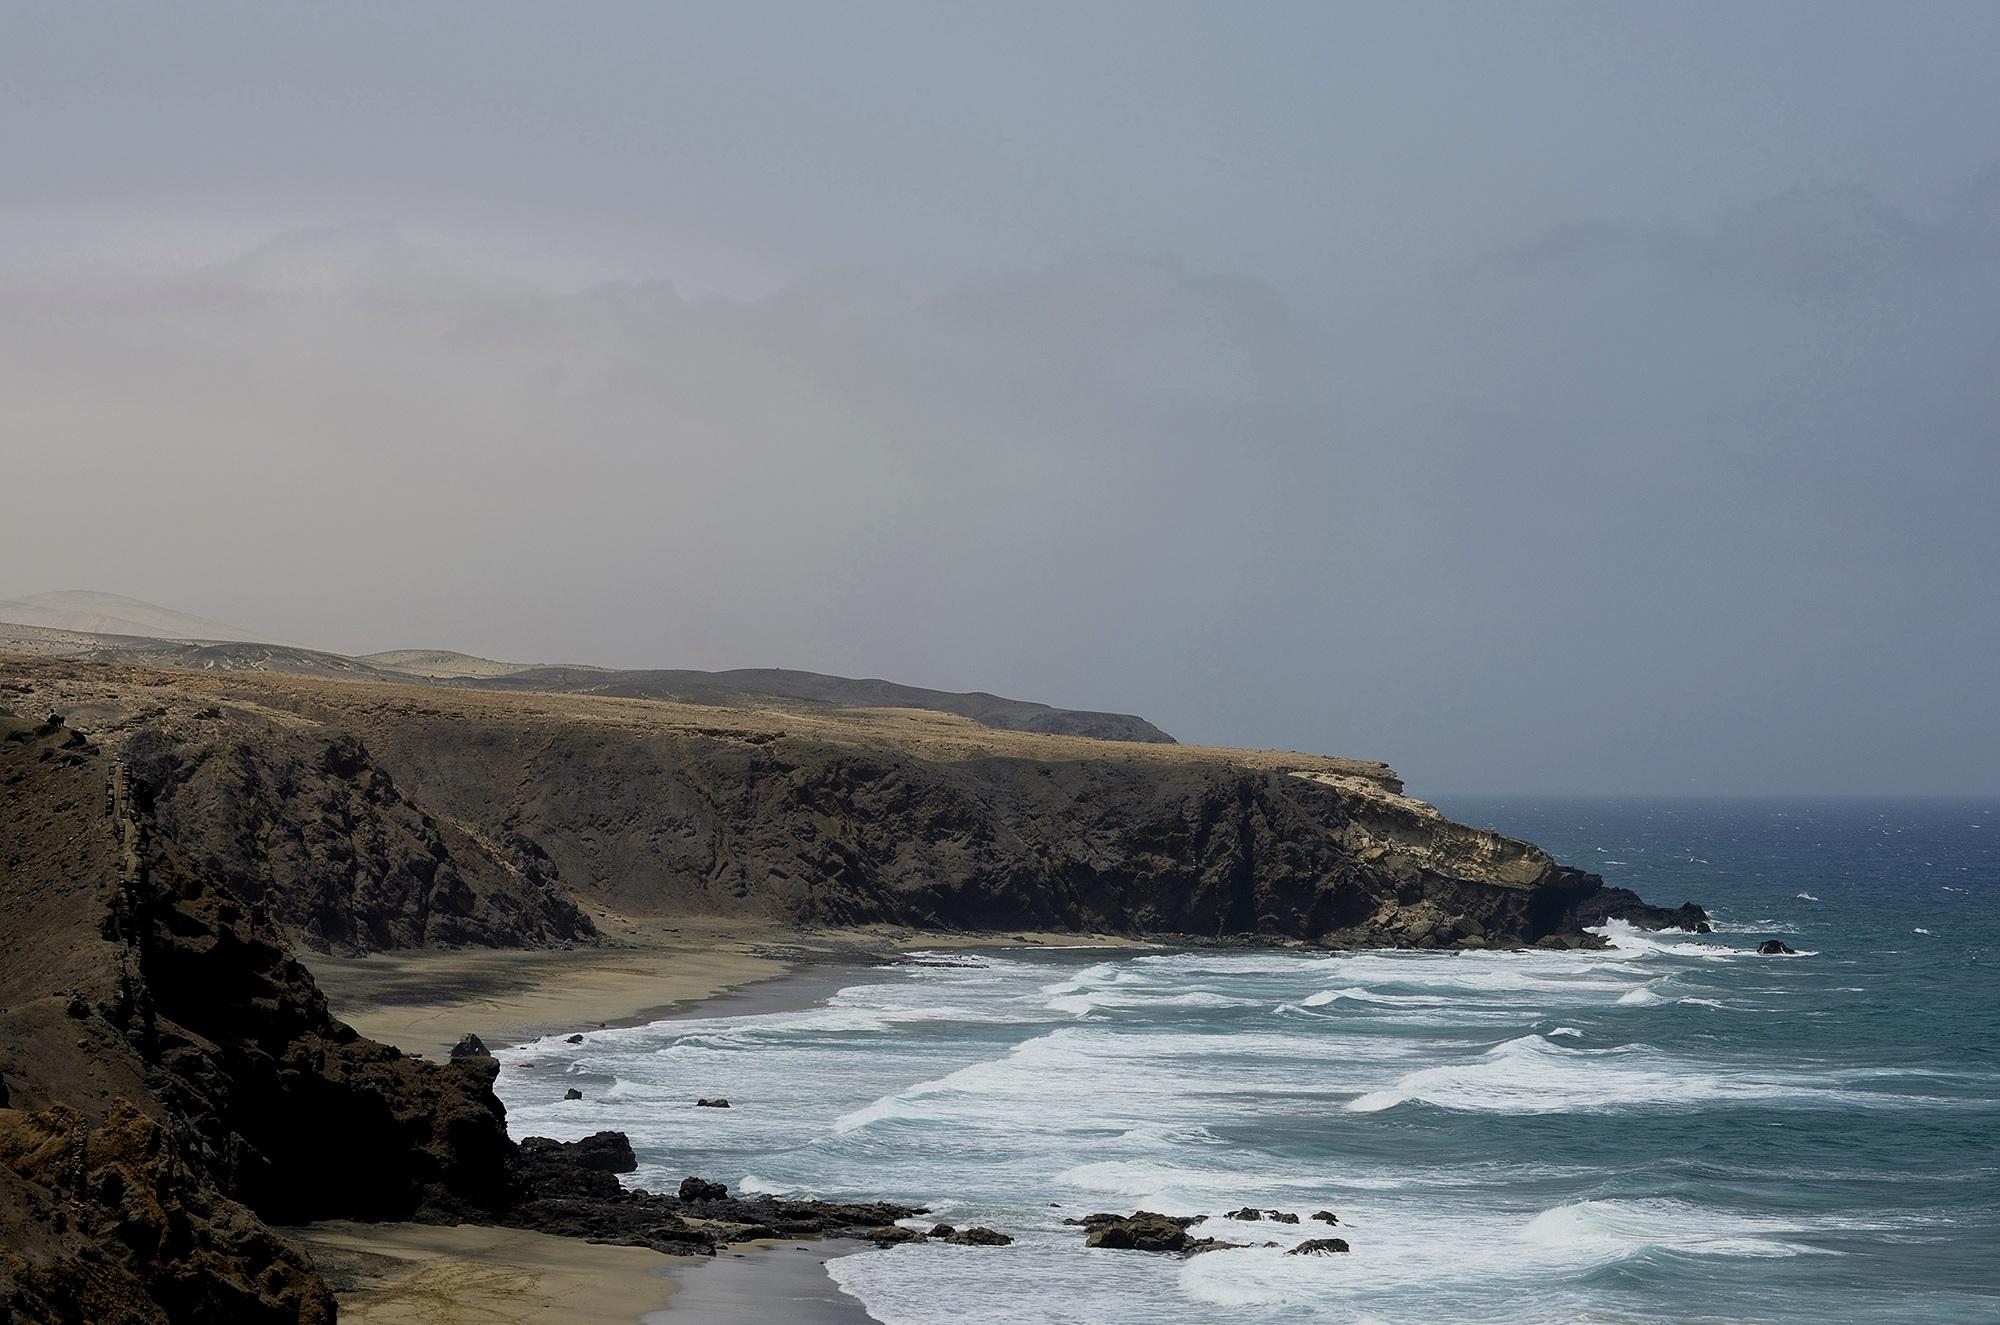 La Pared_Fuerteventura.jpg